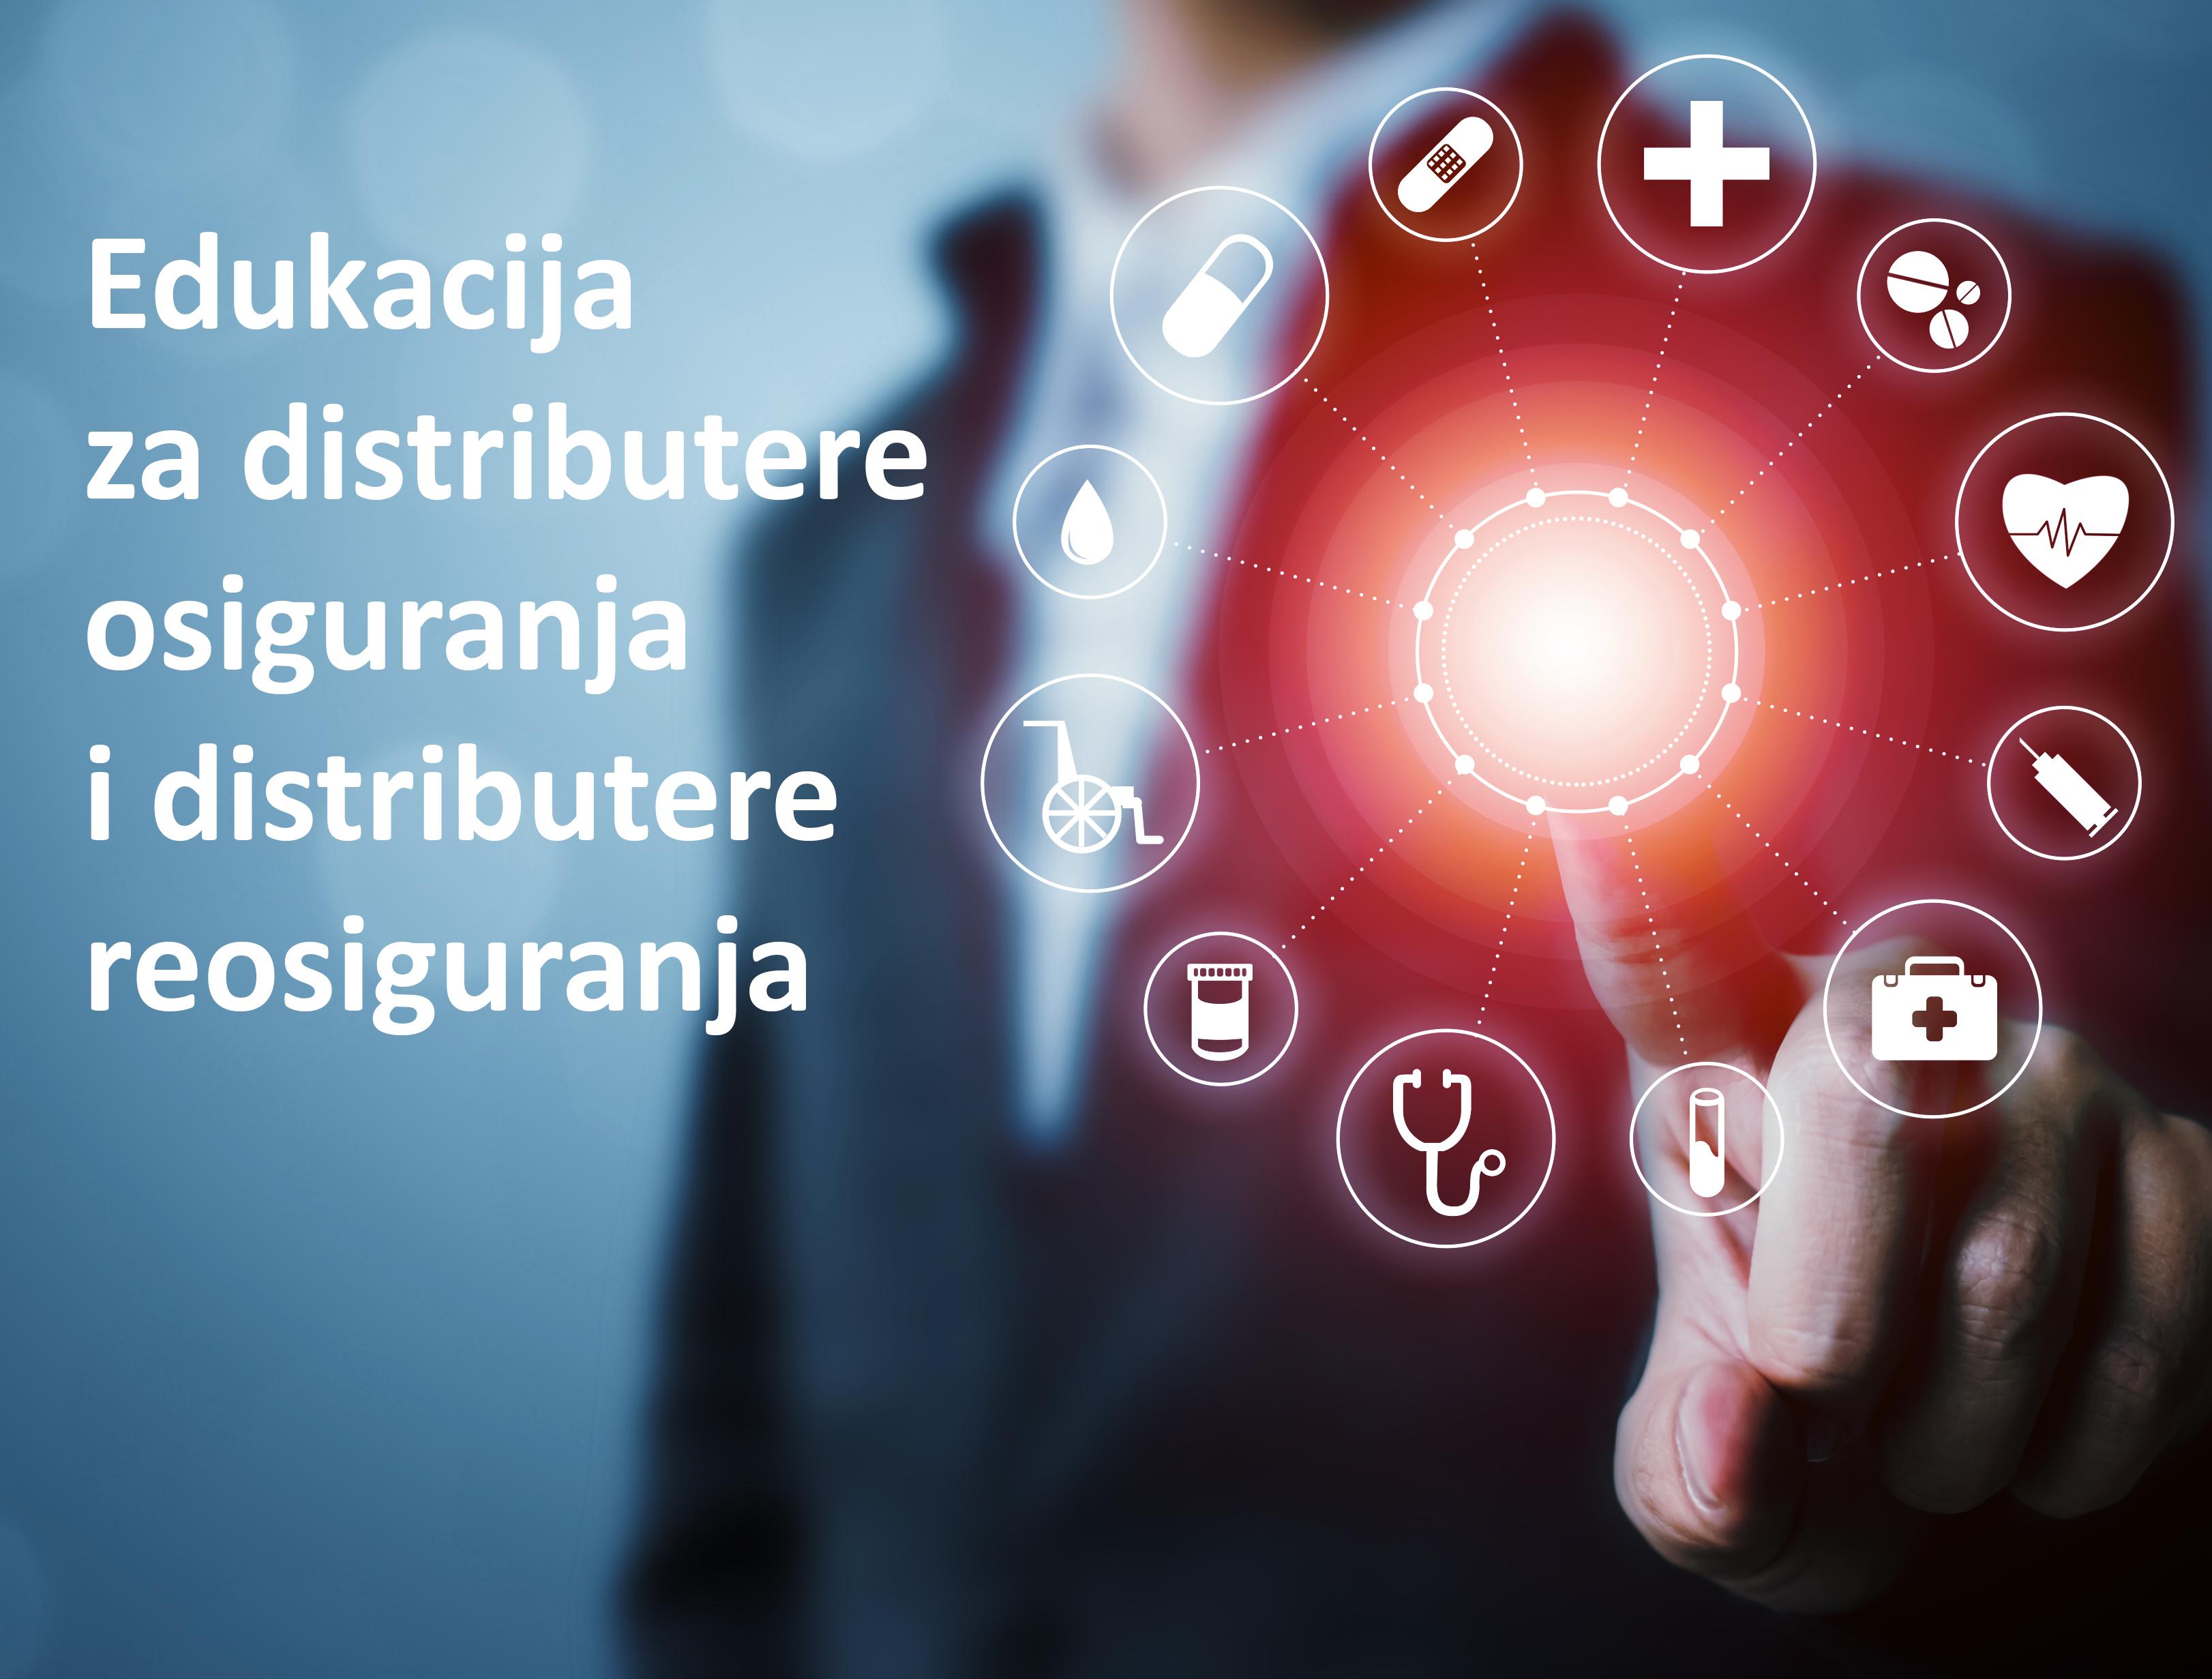 Edukacija za distributere osiguranja i distributere reosiguranja - Zajednički moduli